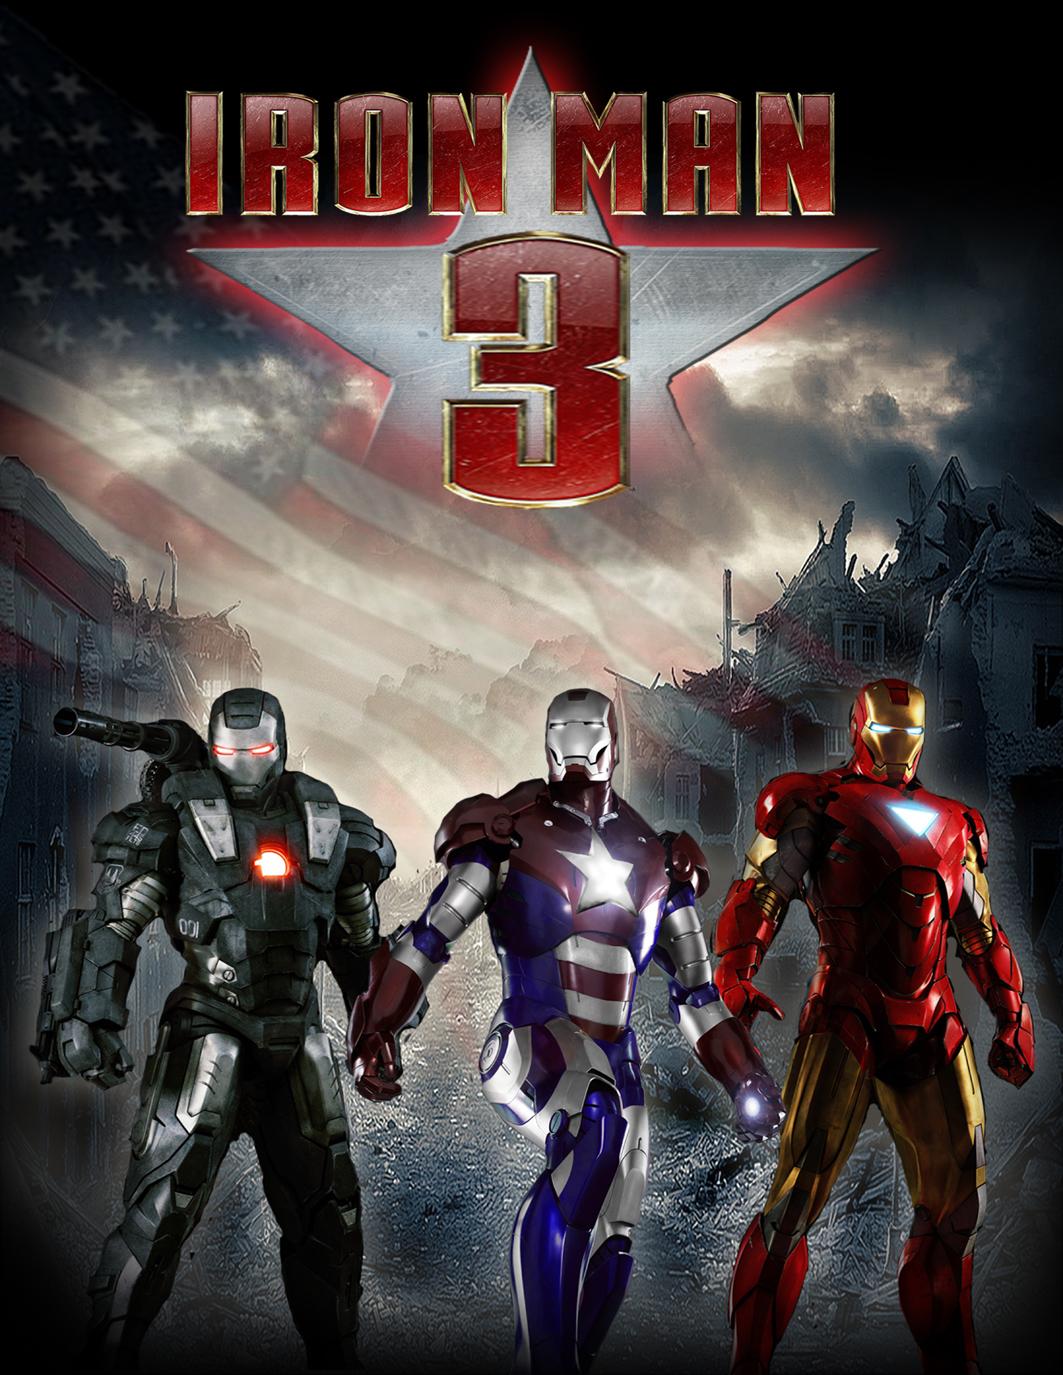 IRON MAN 3 FULL MOVIE WATCH ONLINE - Watch Online Full Movies